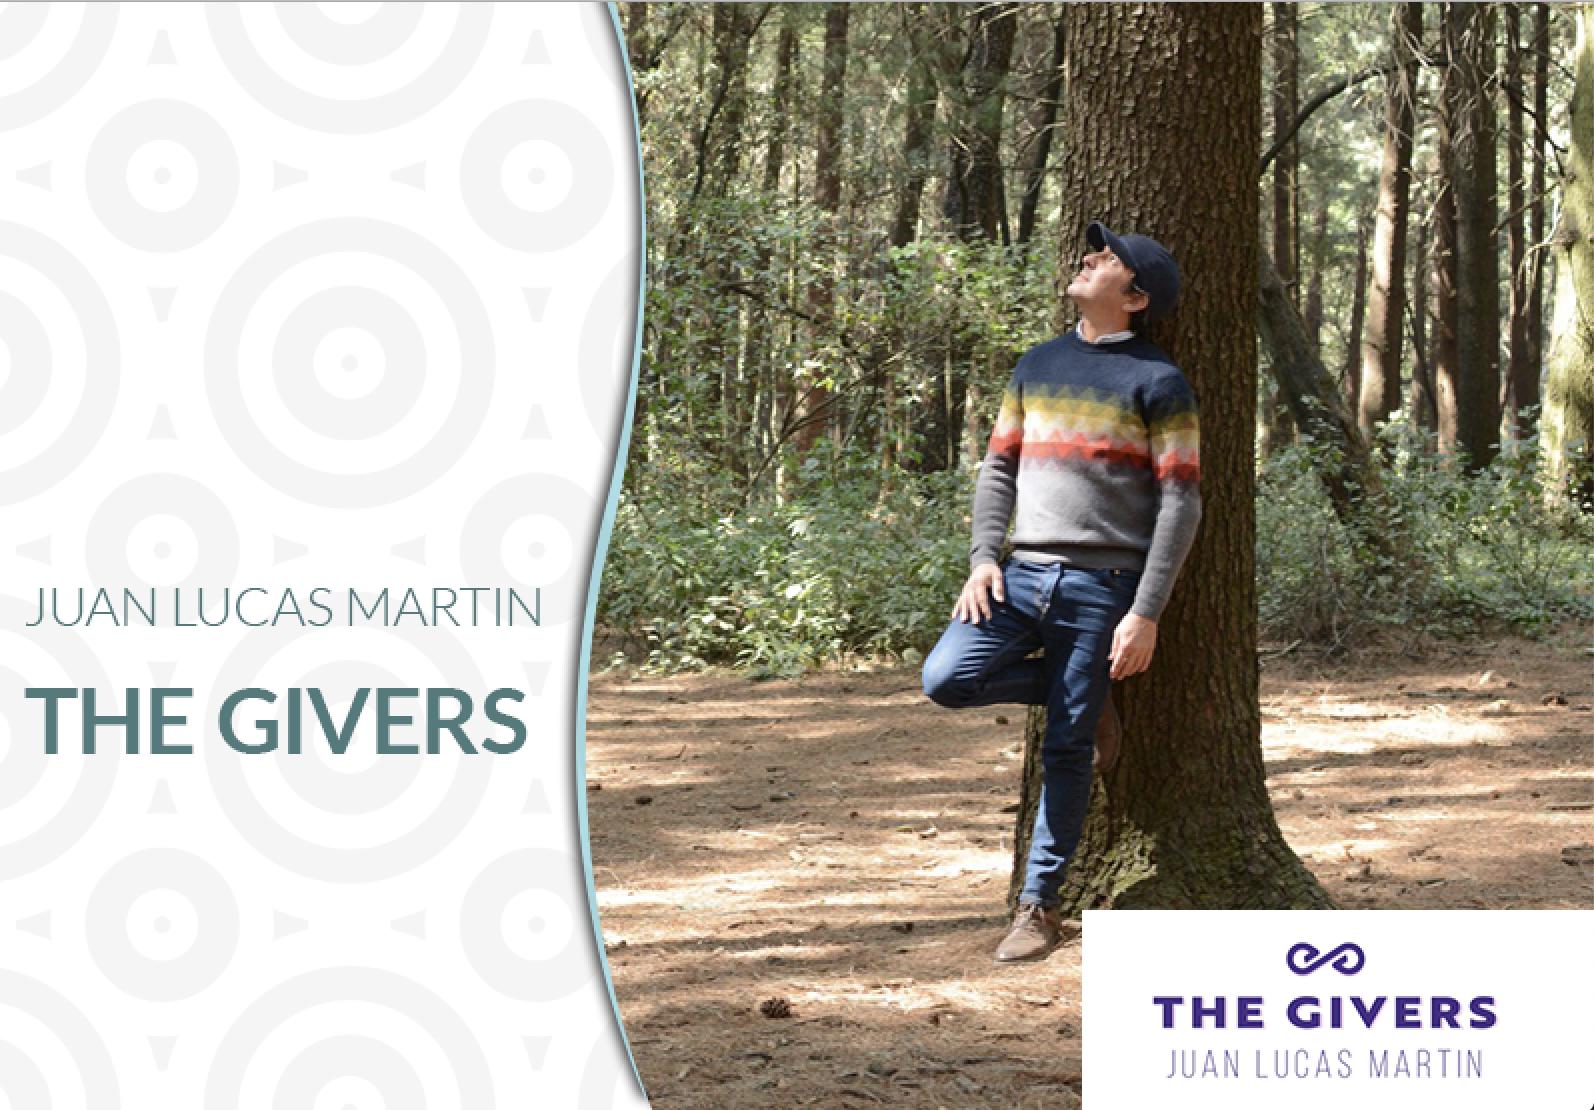 The Givers, Juan Lucas Martin